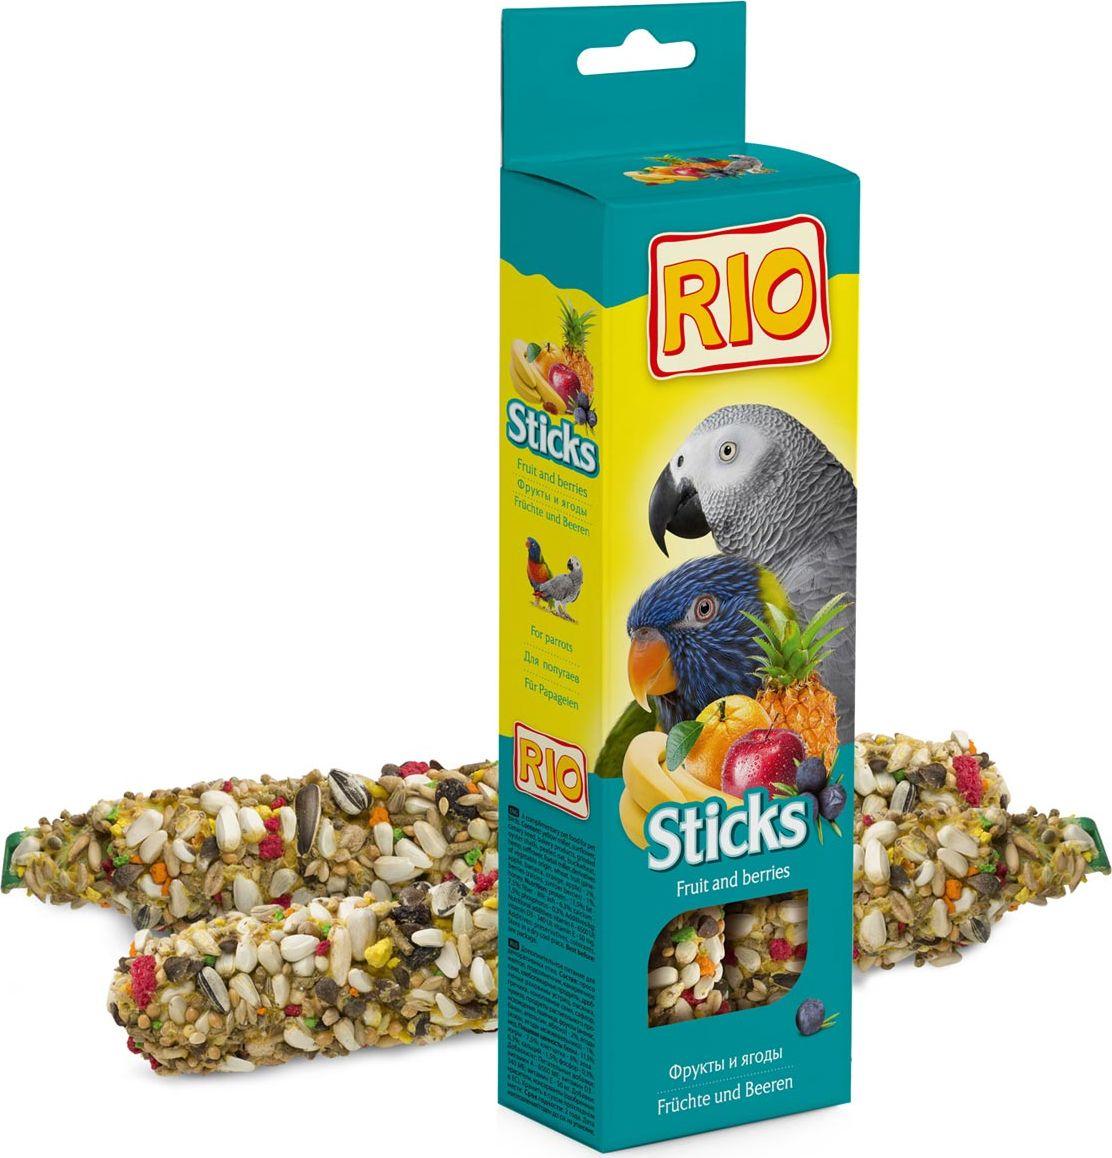 Лакомство для попугаев RIO, палочки, с фруктами и ягодами, 75 г, 2 шт rio rio палочки для канареек с медом и полезными семенами 2 шт 40 г